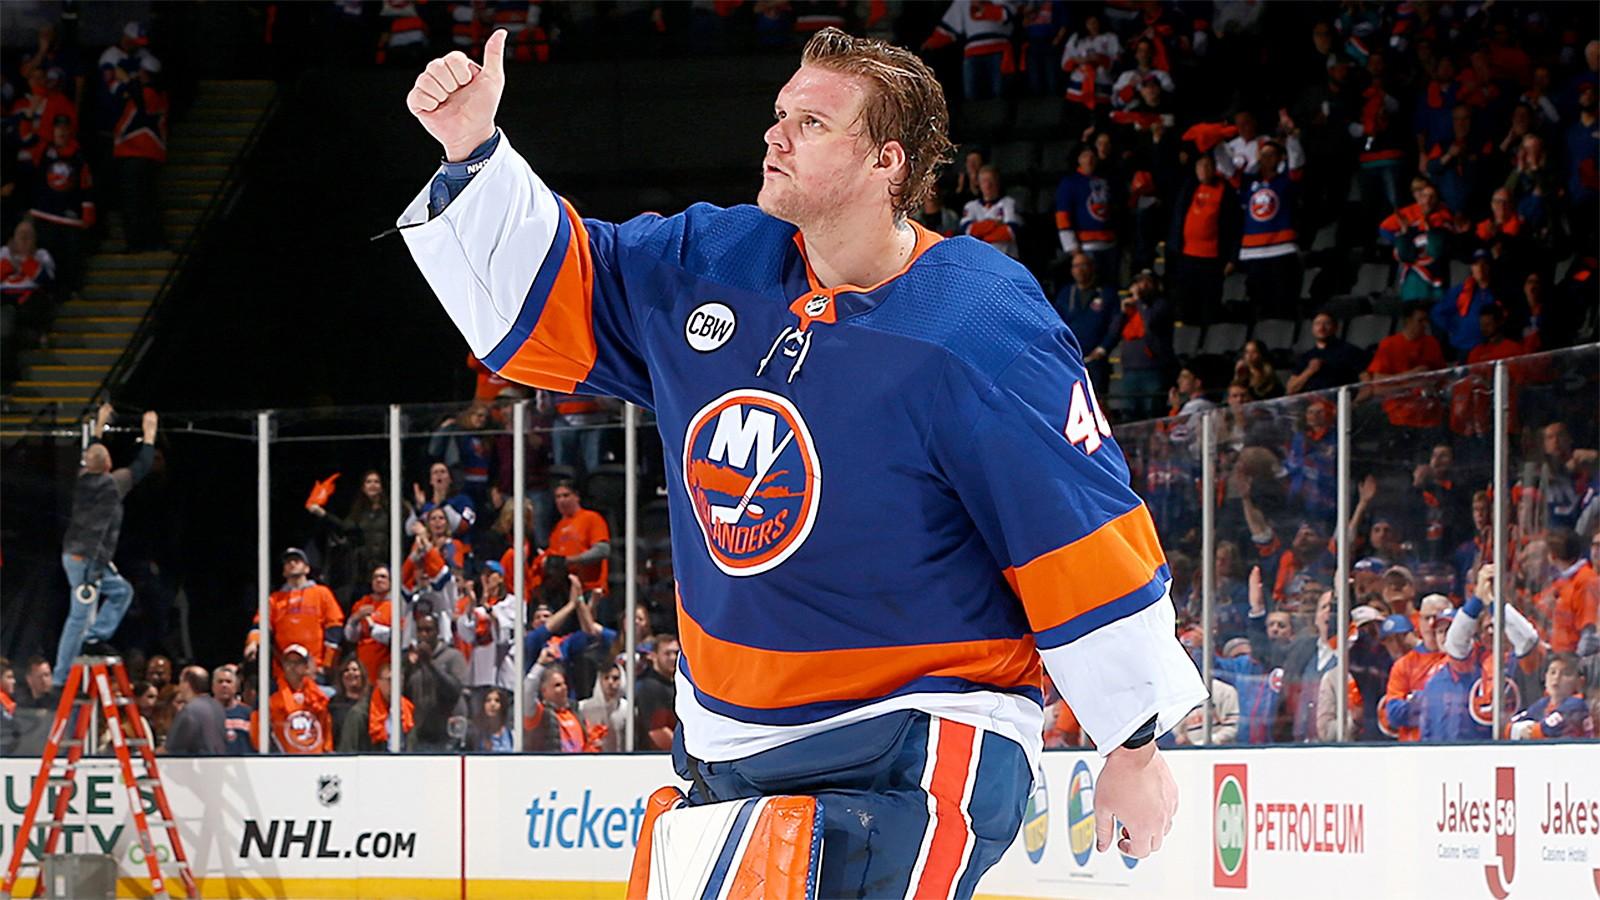 Один из лучших вратарей НХЛ человек который получил награду за упорство мужество и преданность хоккею  Робин Ленер